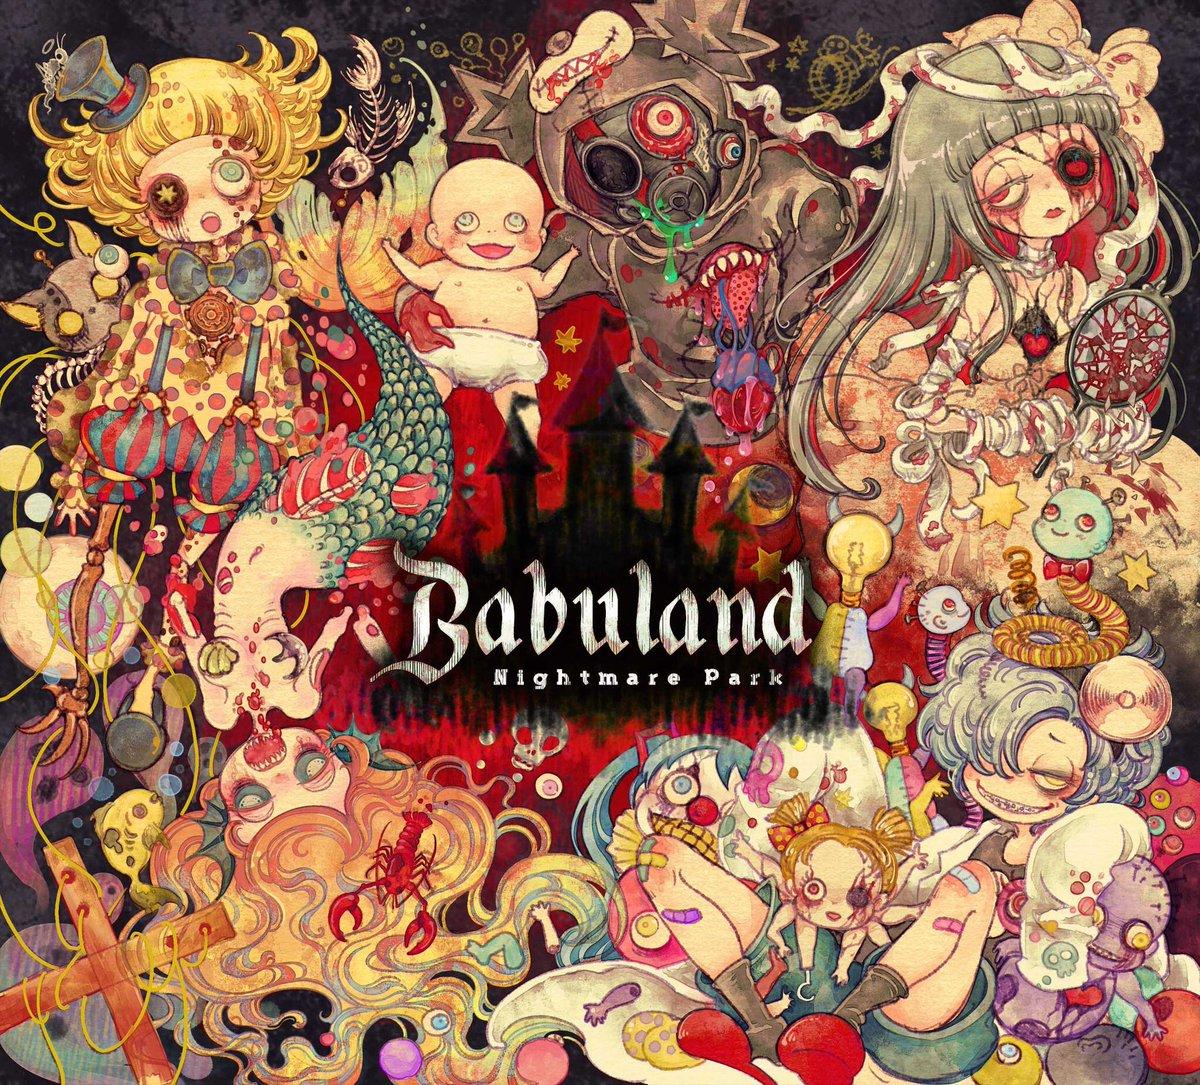 ばぶちゃん(@babu_0w0_chan )の素敵なアルバム「ばぶらんど」のパッケージを飾らせていただきました!よろしくお願いいたします🤡 #ばぶらんど #C92